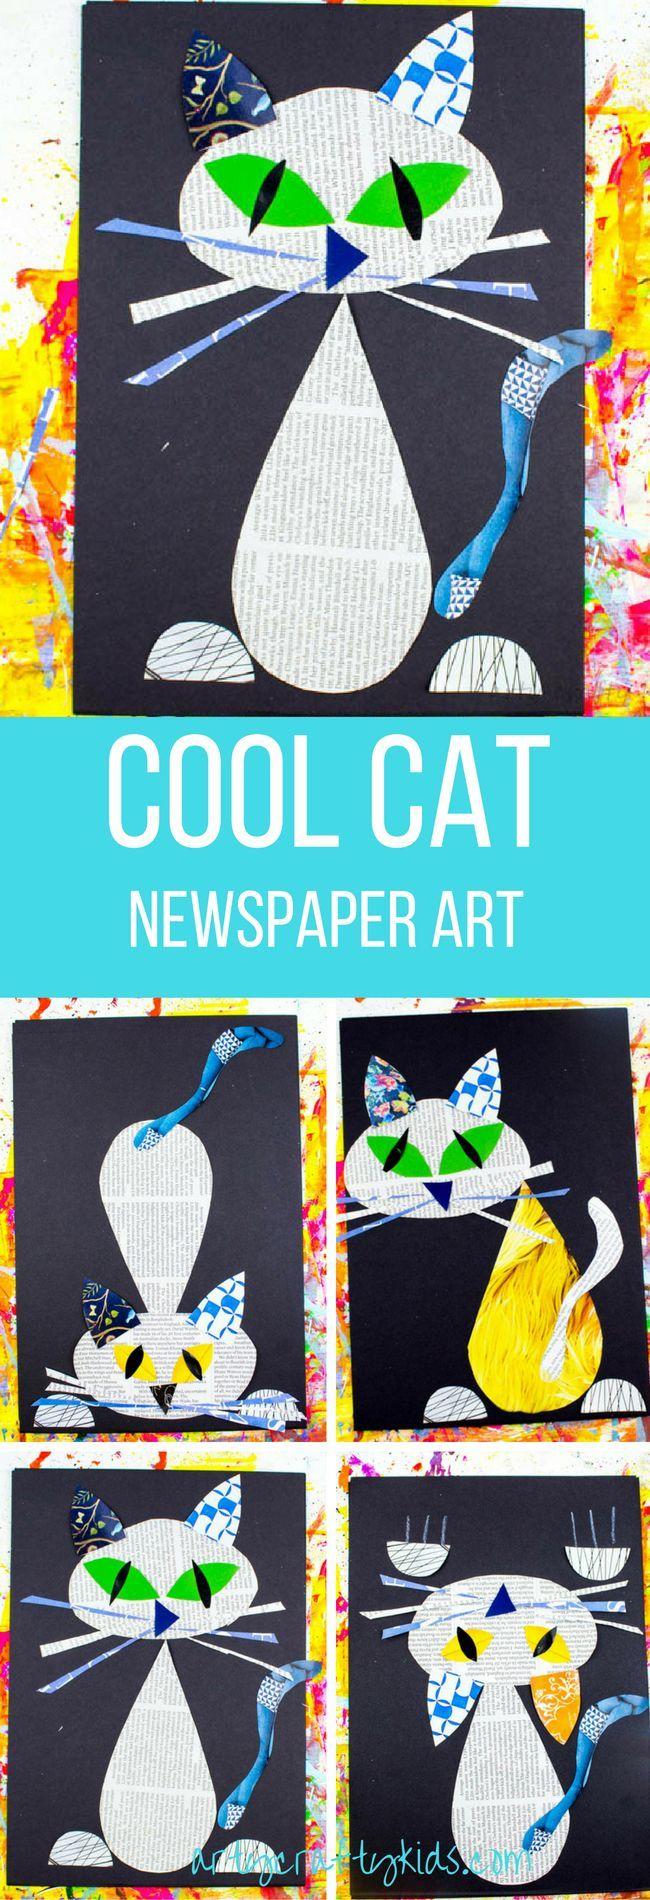 Cool Cat Newspaper Art Project for Kids – Jessica DellaSalla Giacchi